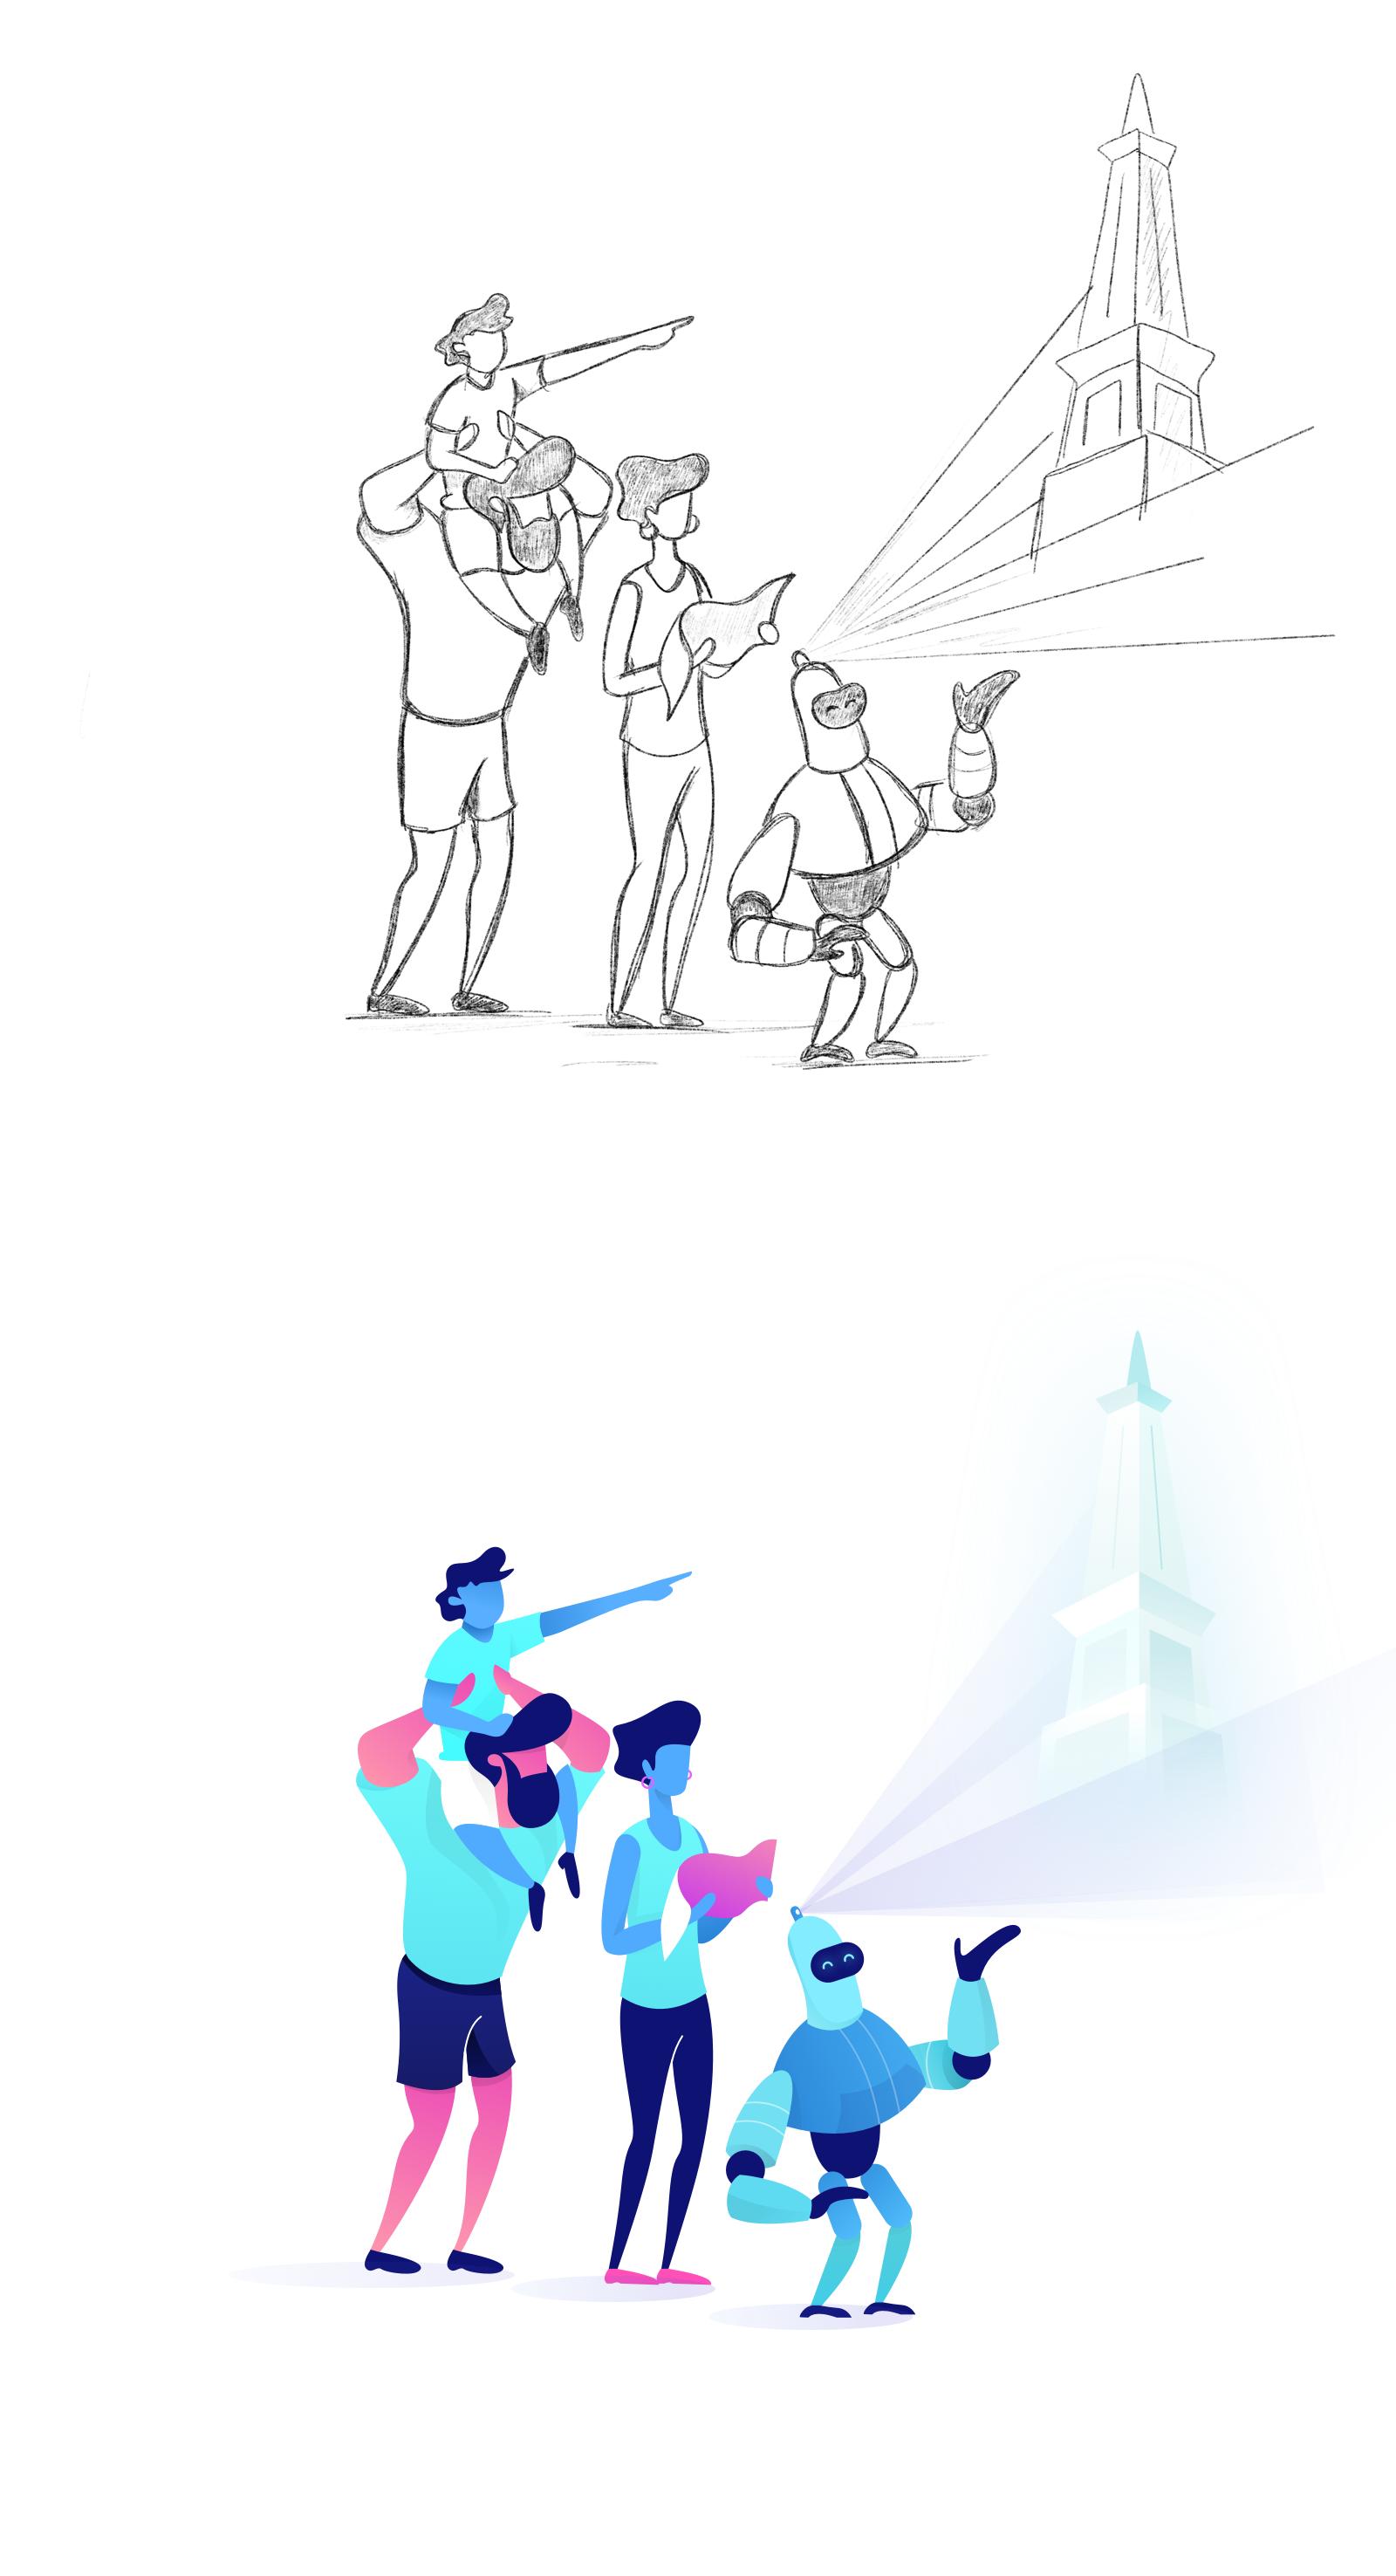 Plazir hero sketch 2x